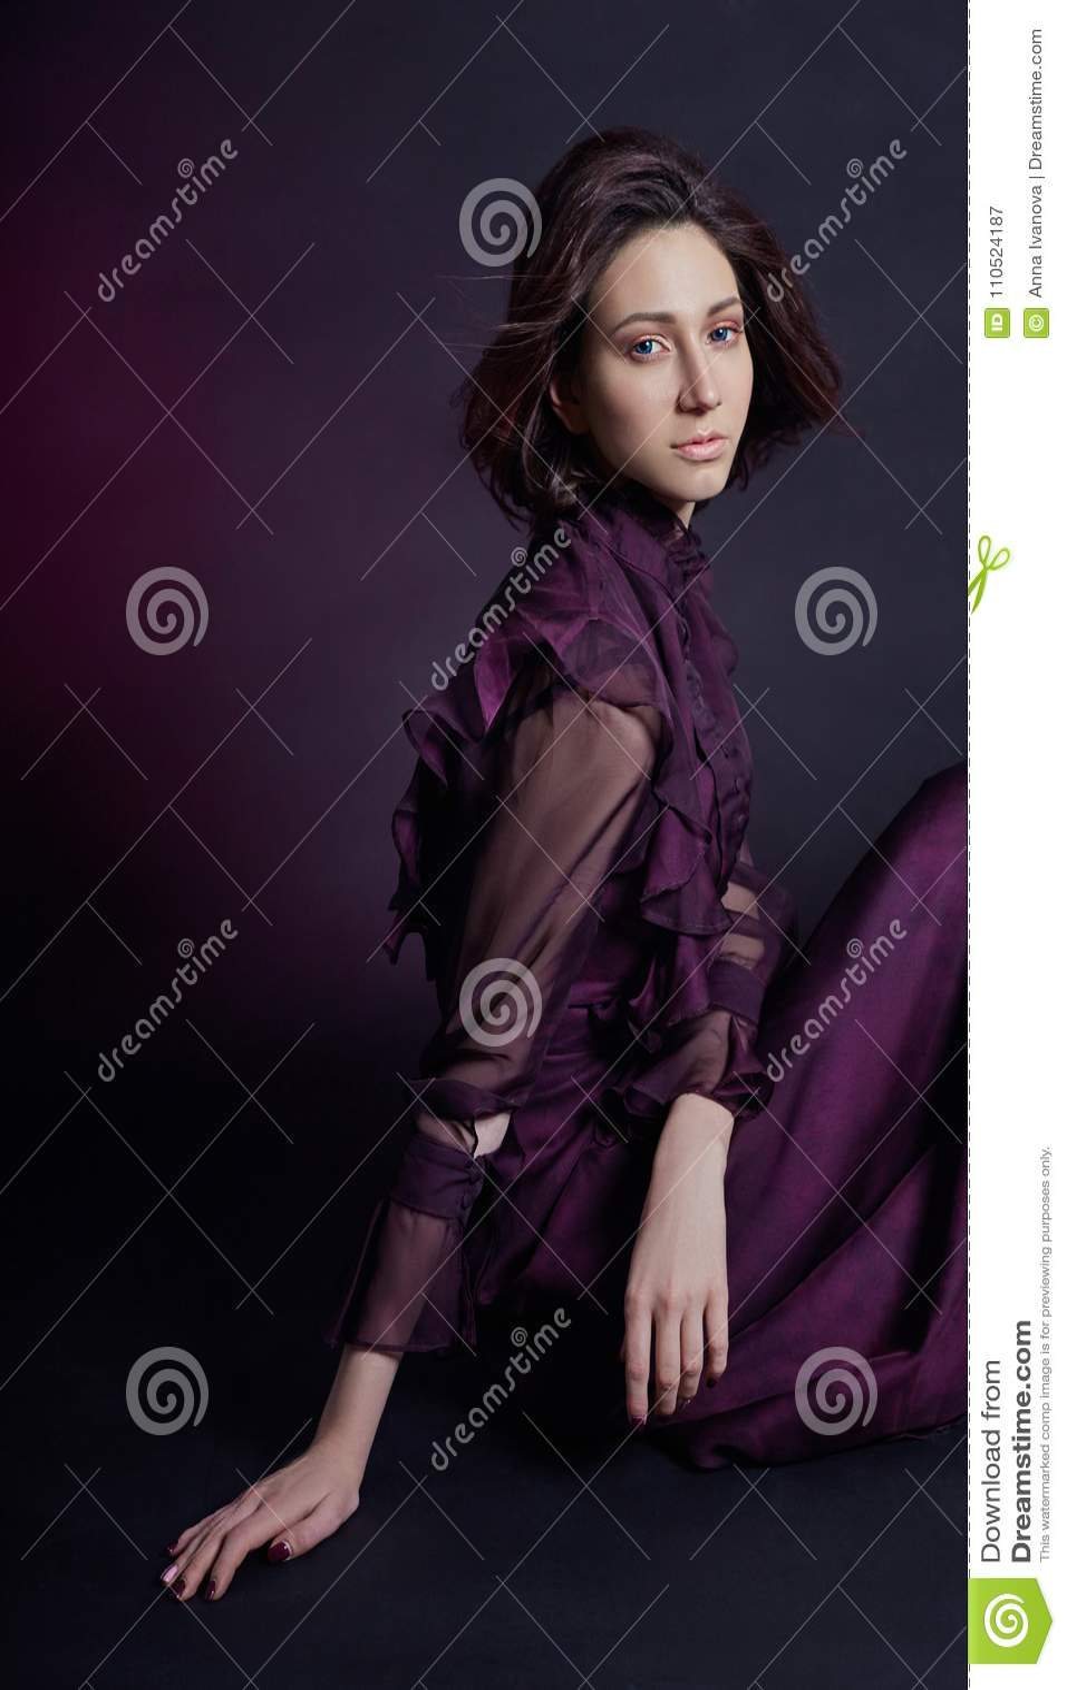 Портрет женщины моды контраста армянский с большими голубыми глазами сидит на темной предпосылке в фиолетовом платье Симпатичная